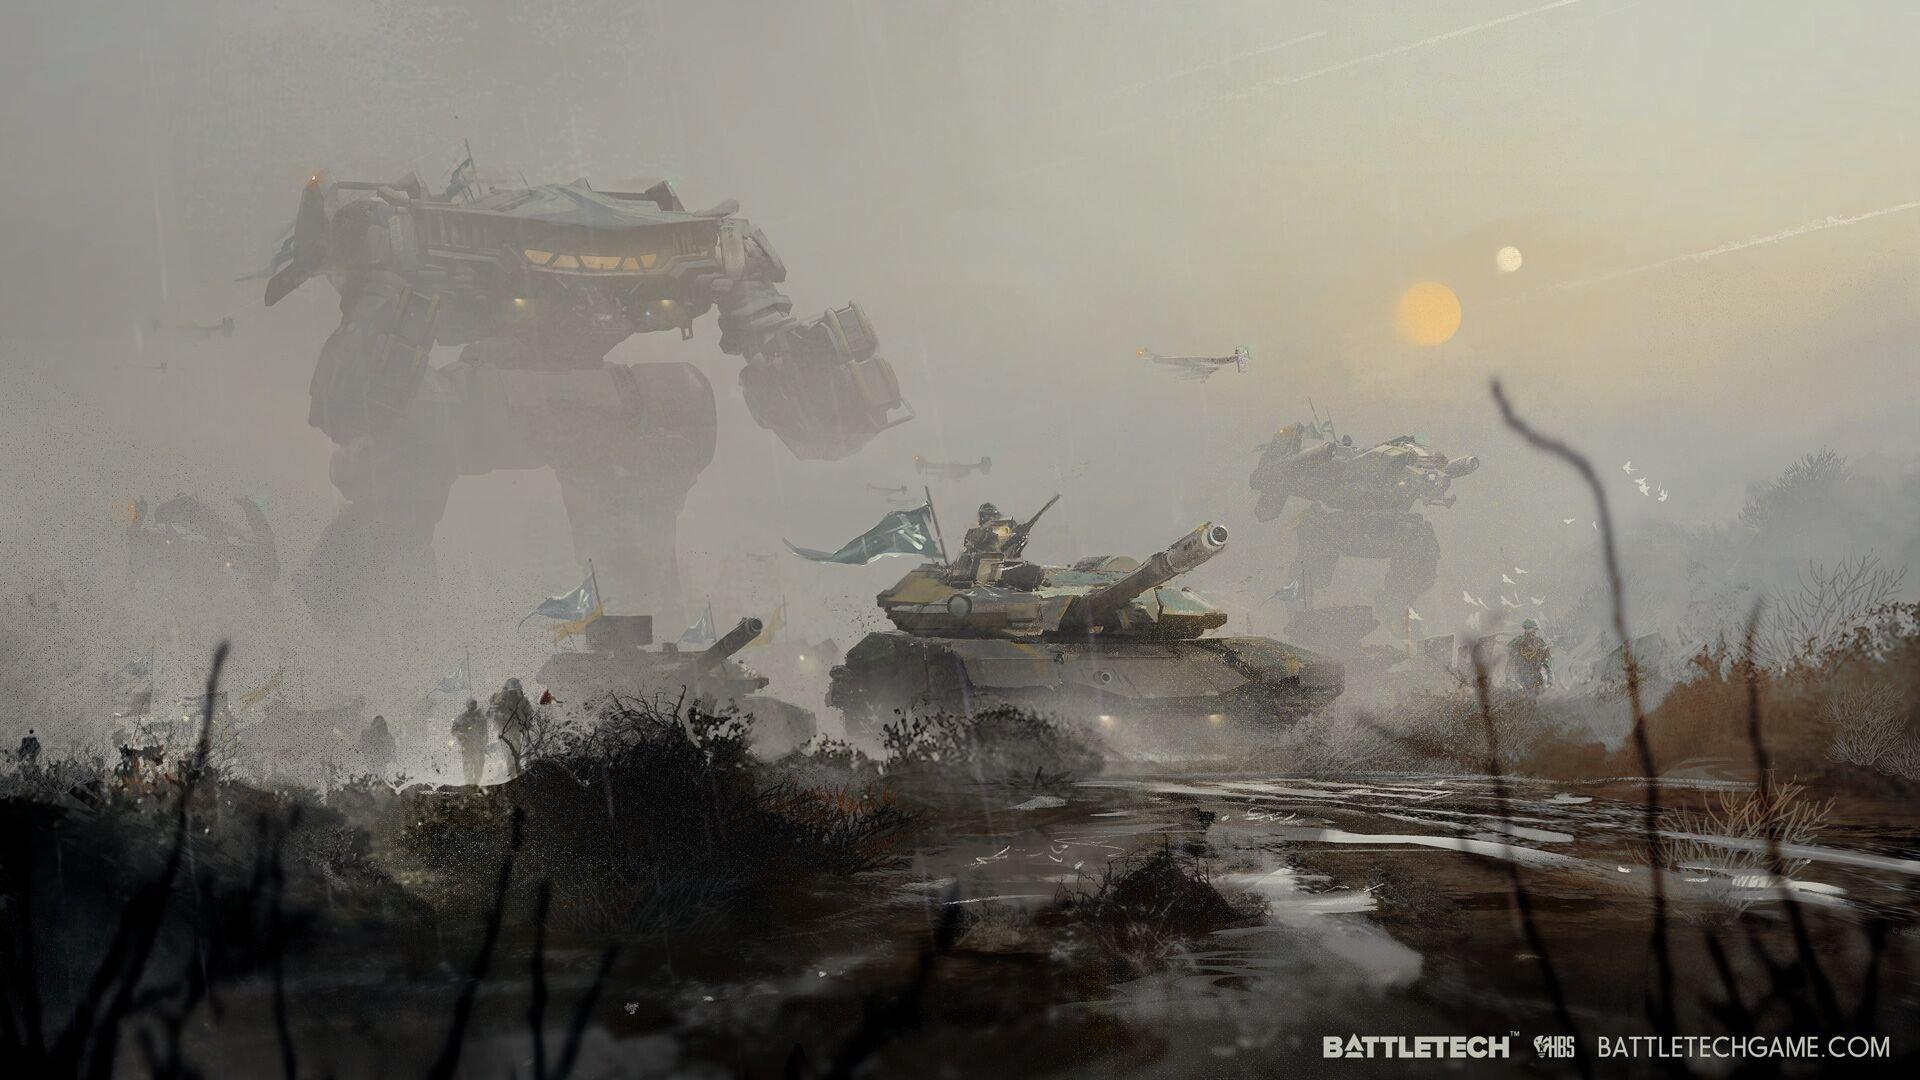 Battletech Concept Art